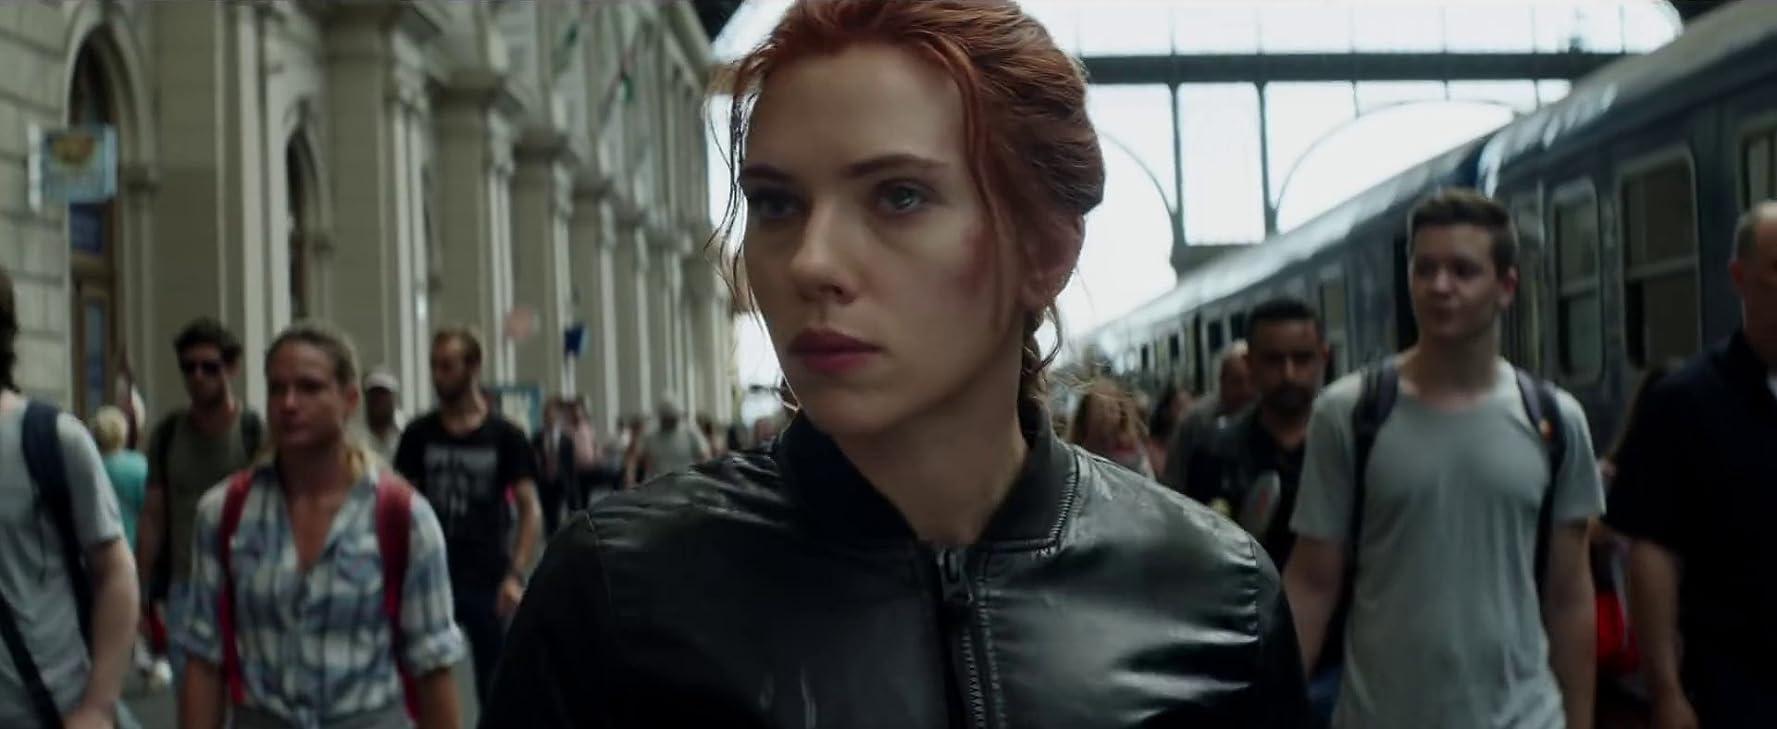 Scarlett Johansson in Black Widow (2020)